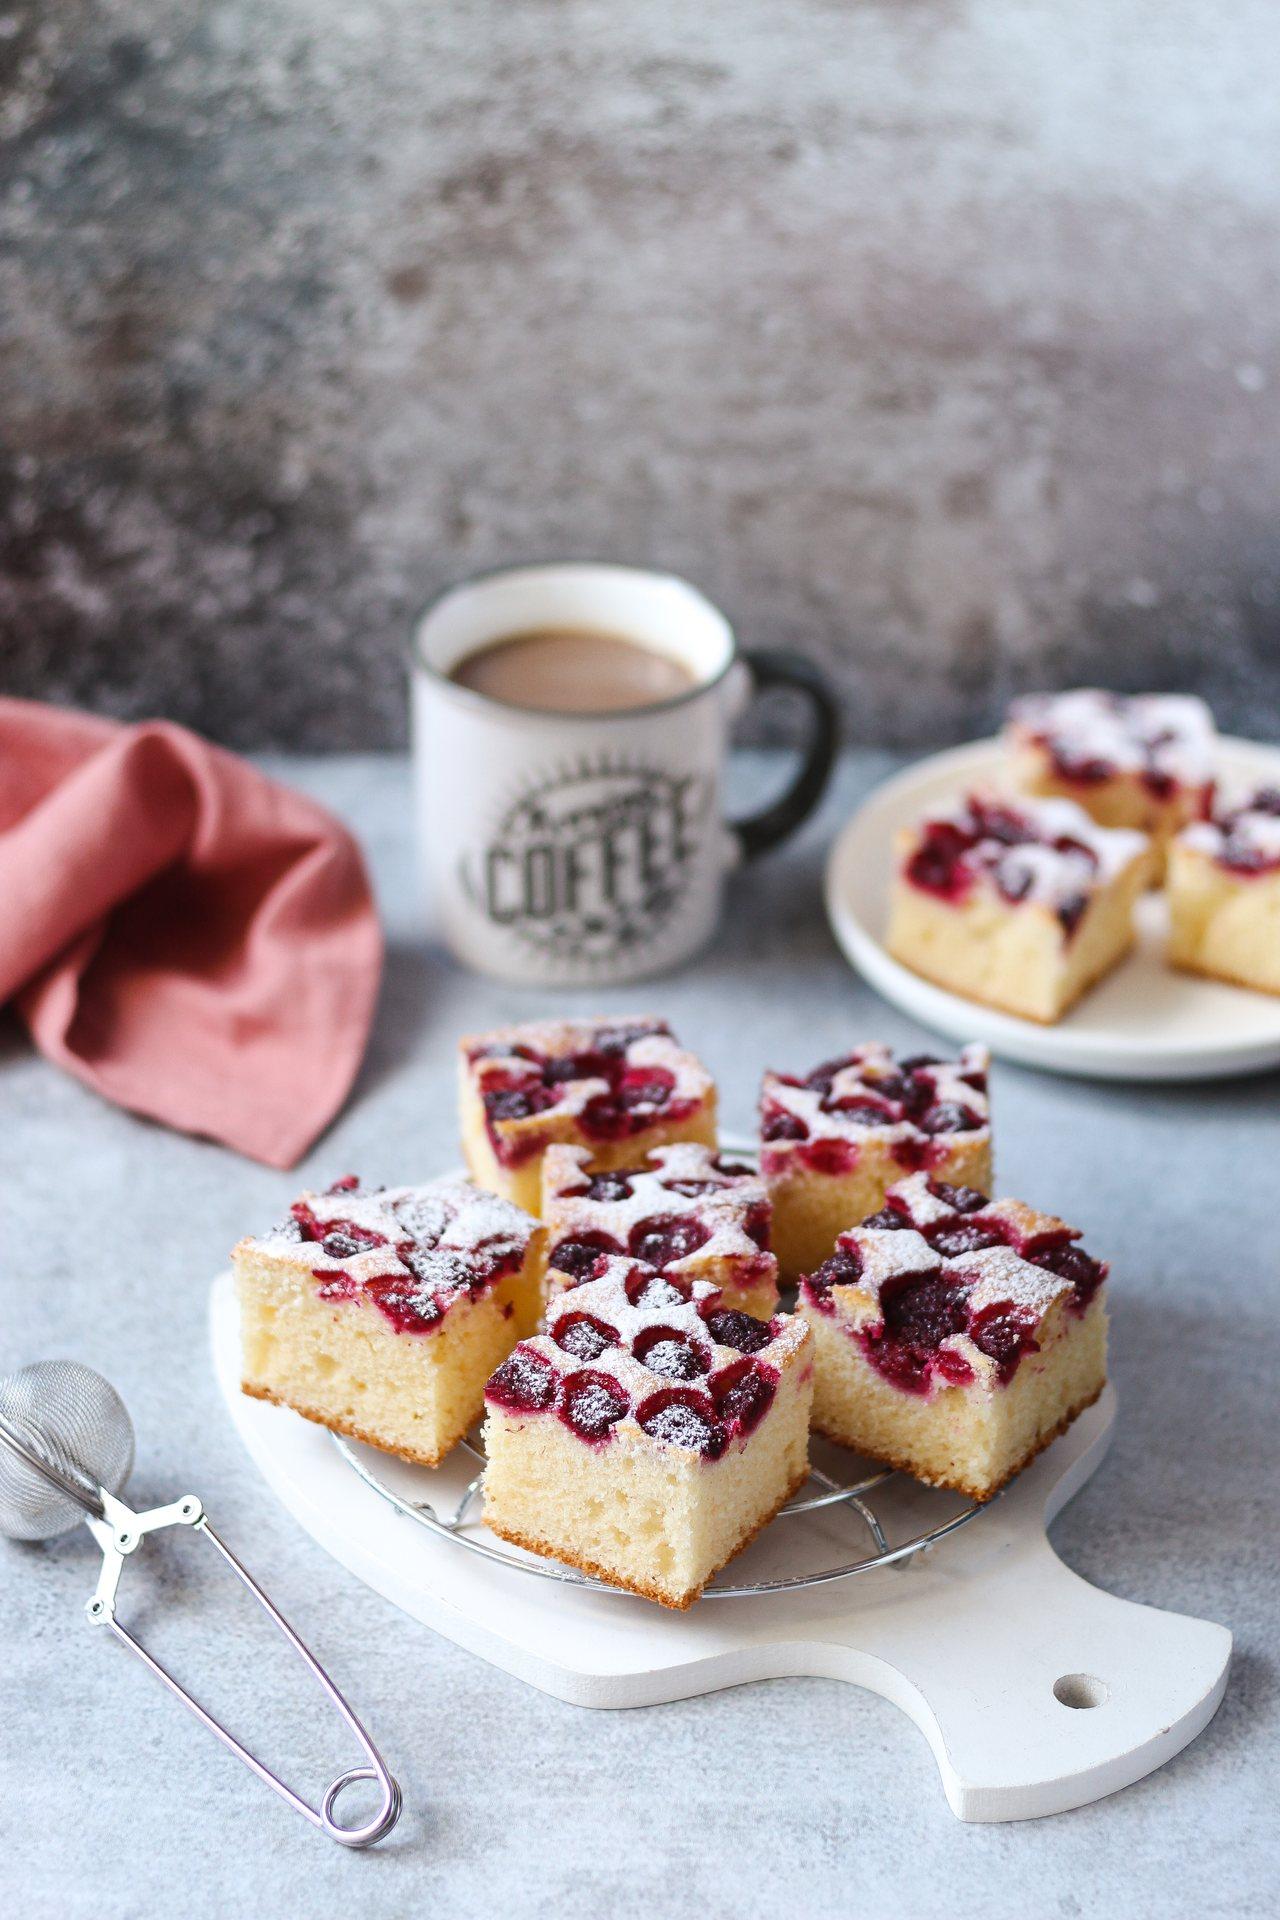 Brzi kolač sa kiselom pavlakom i malinama 1